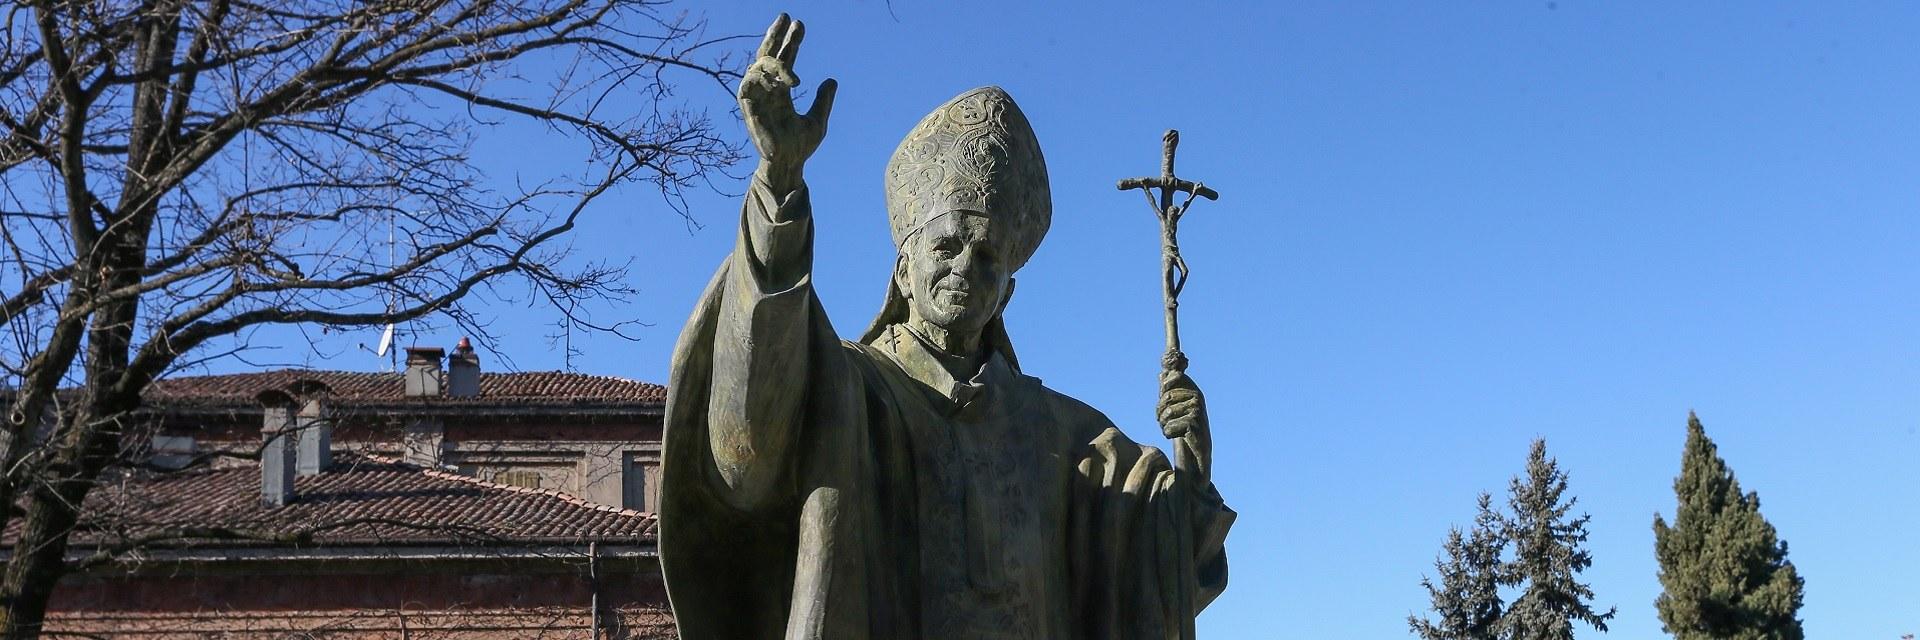 Statua di Giovanni Paolo II